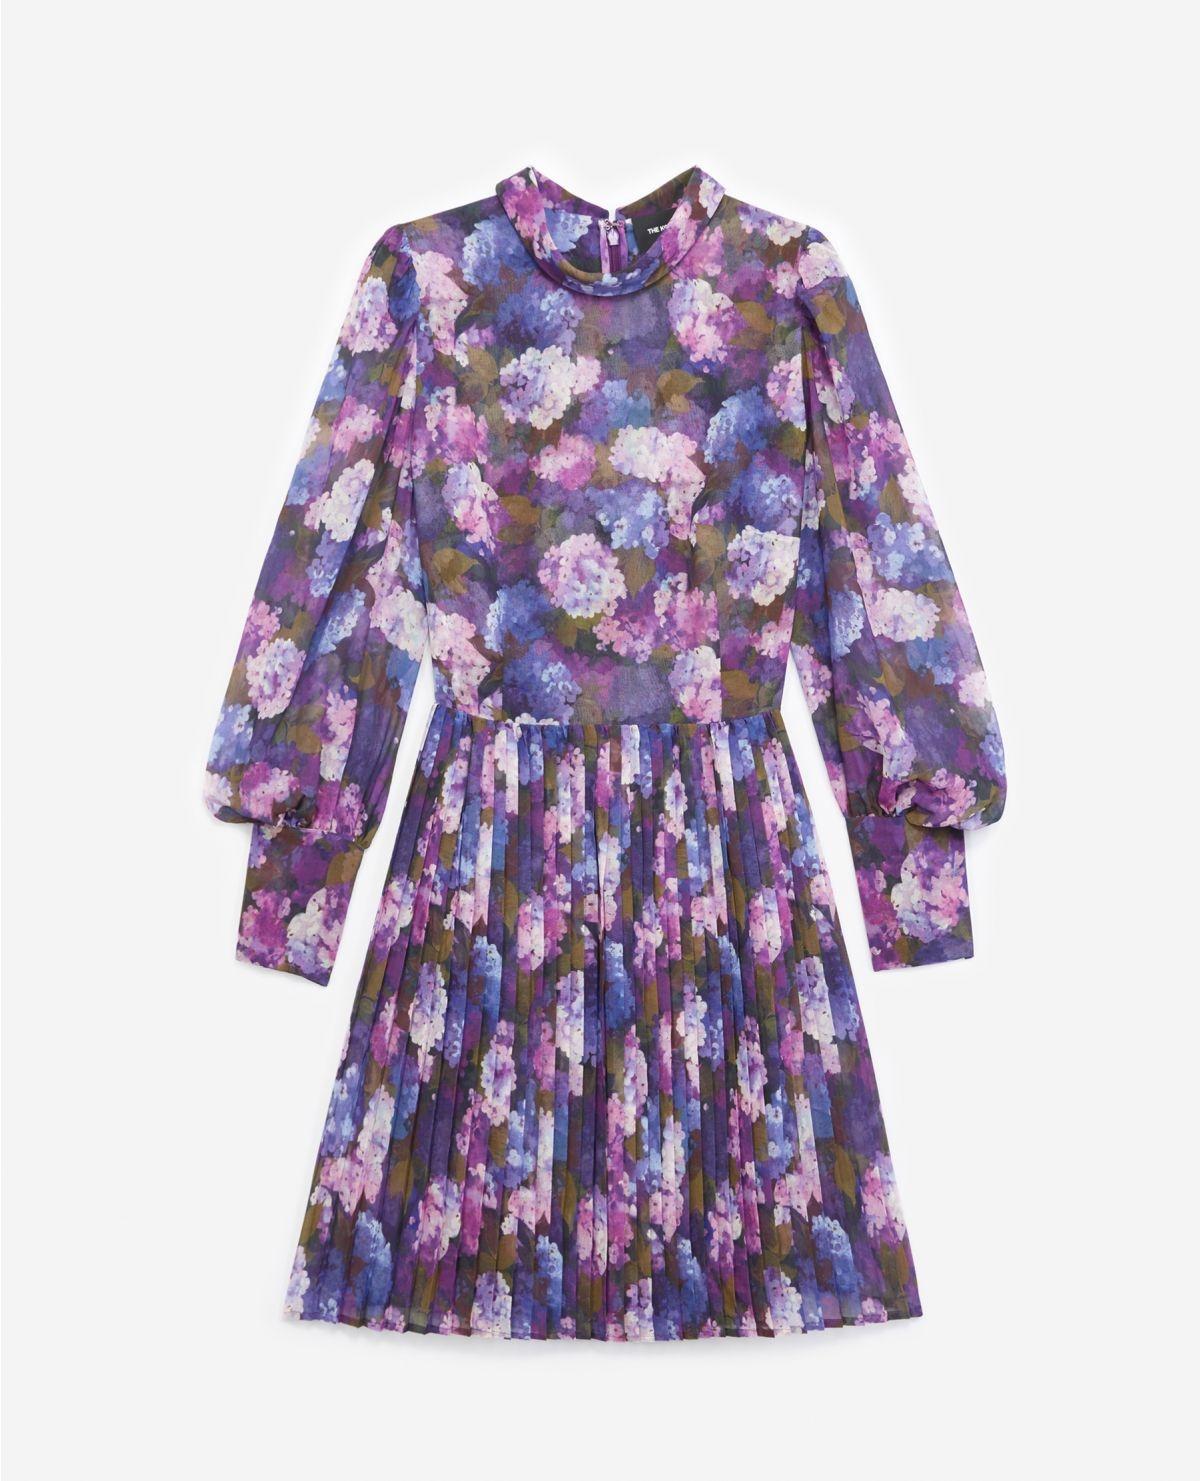 THE KOOPLES robe fluide plissée imprimé violet-1